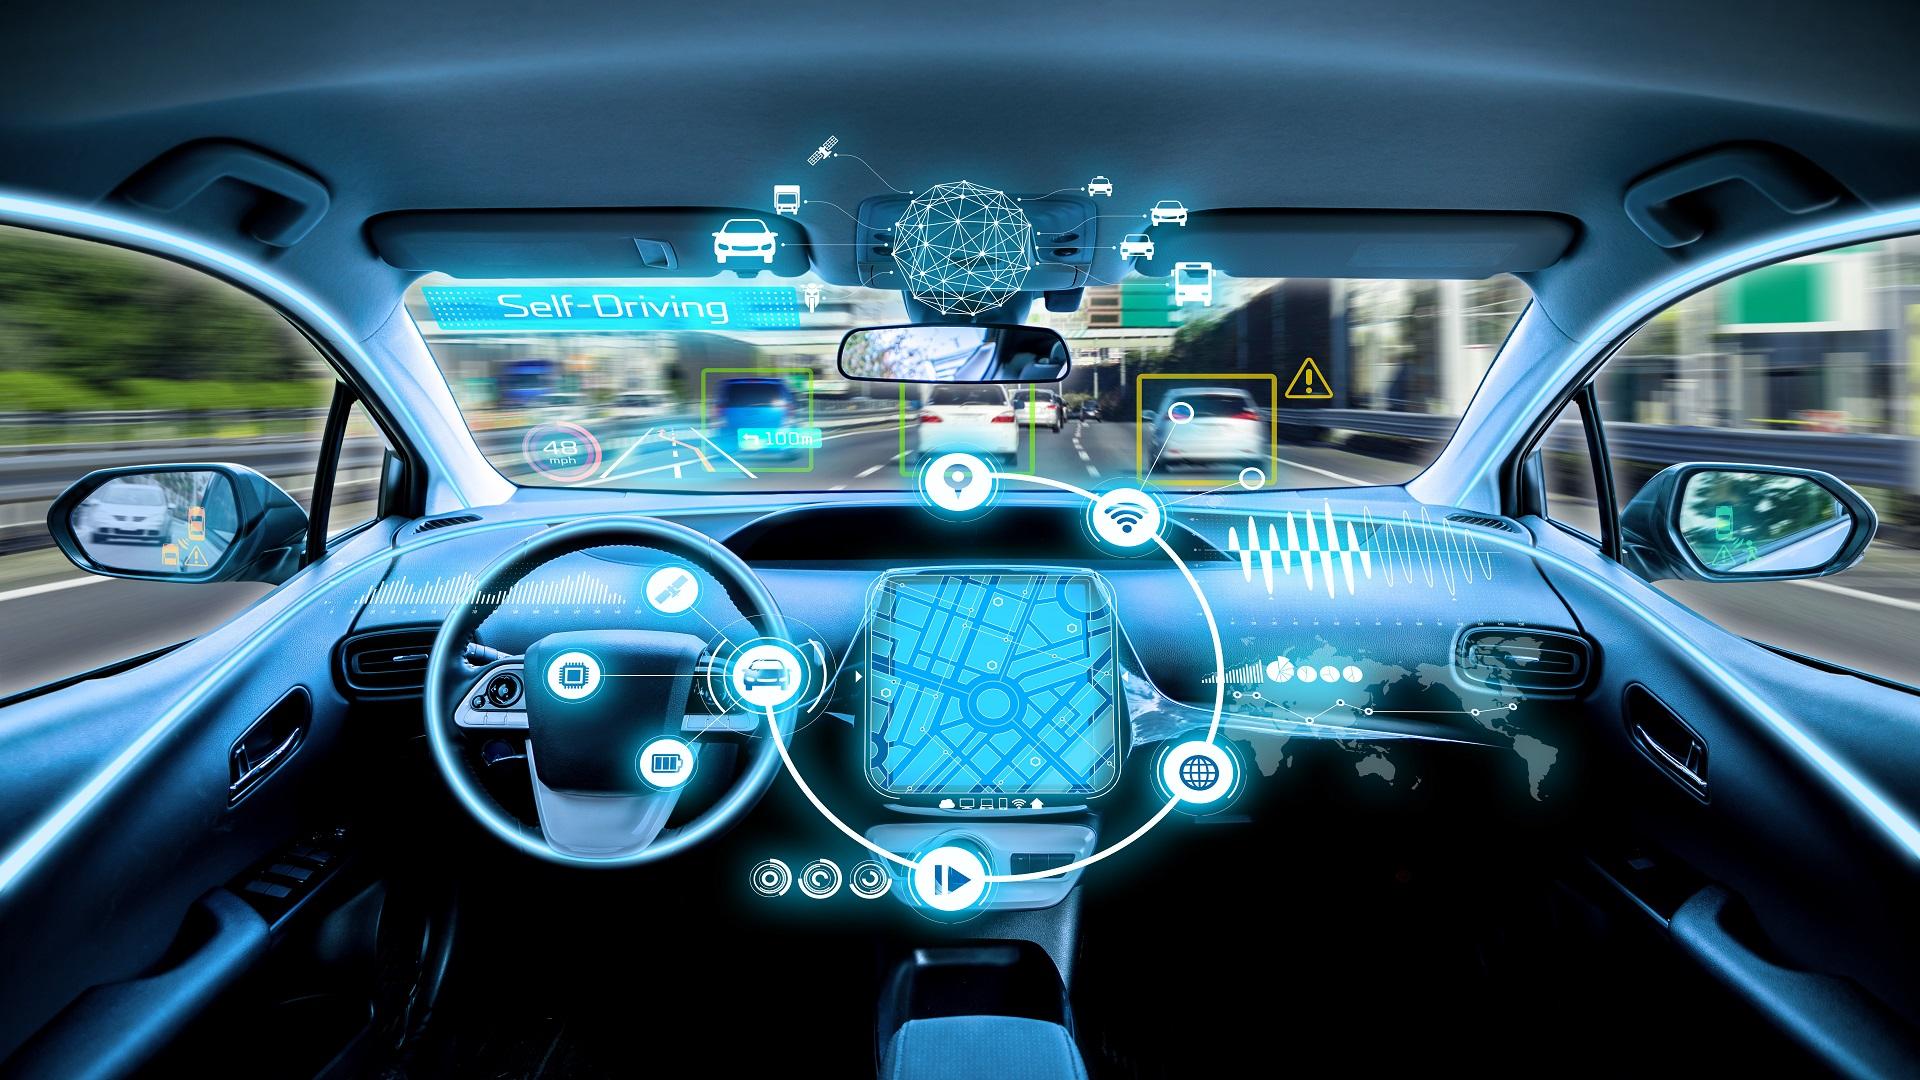 【弗戈工厂方案】从百兆、千兆至万兆,车载以太网尽显其妙